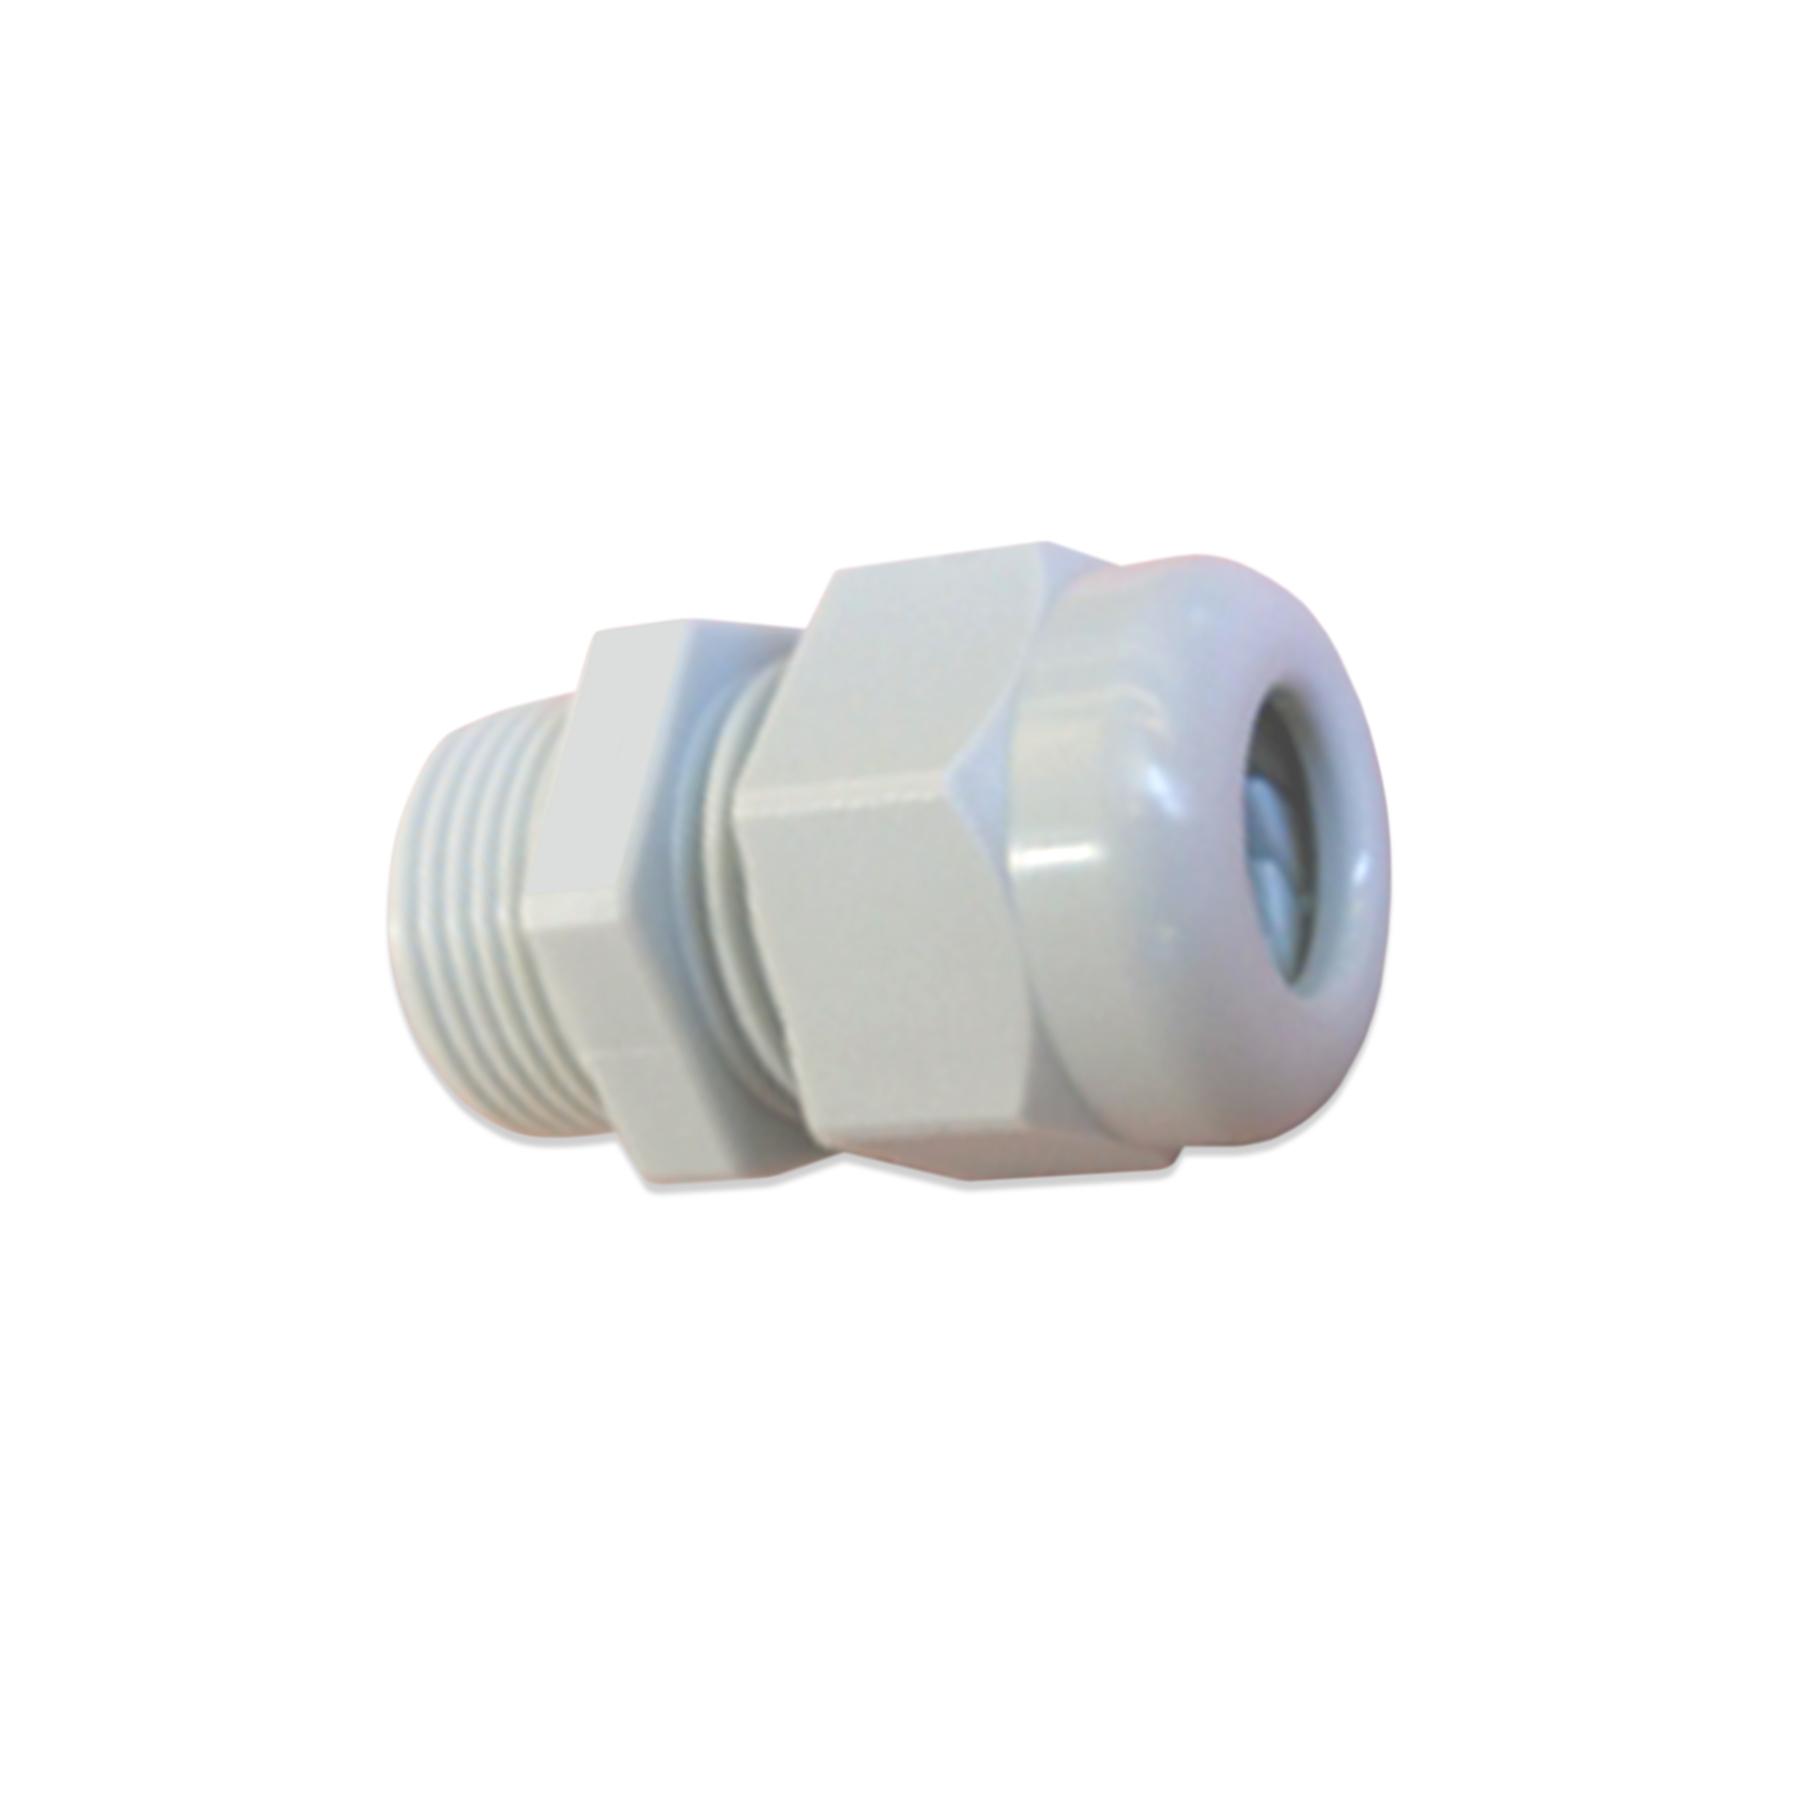 CONS Plastic Romex Clip, 1/2 in.